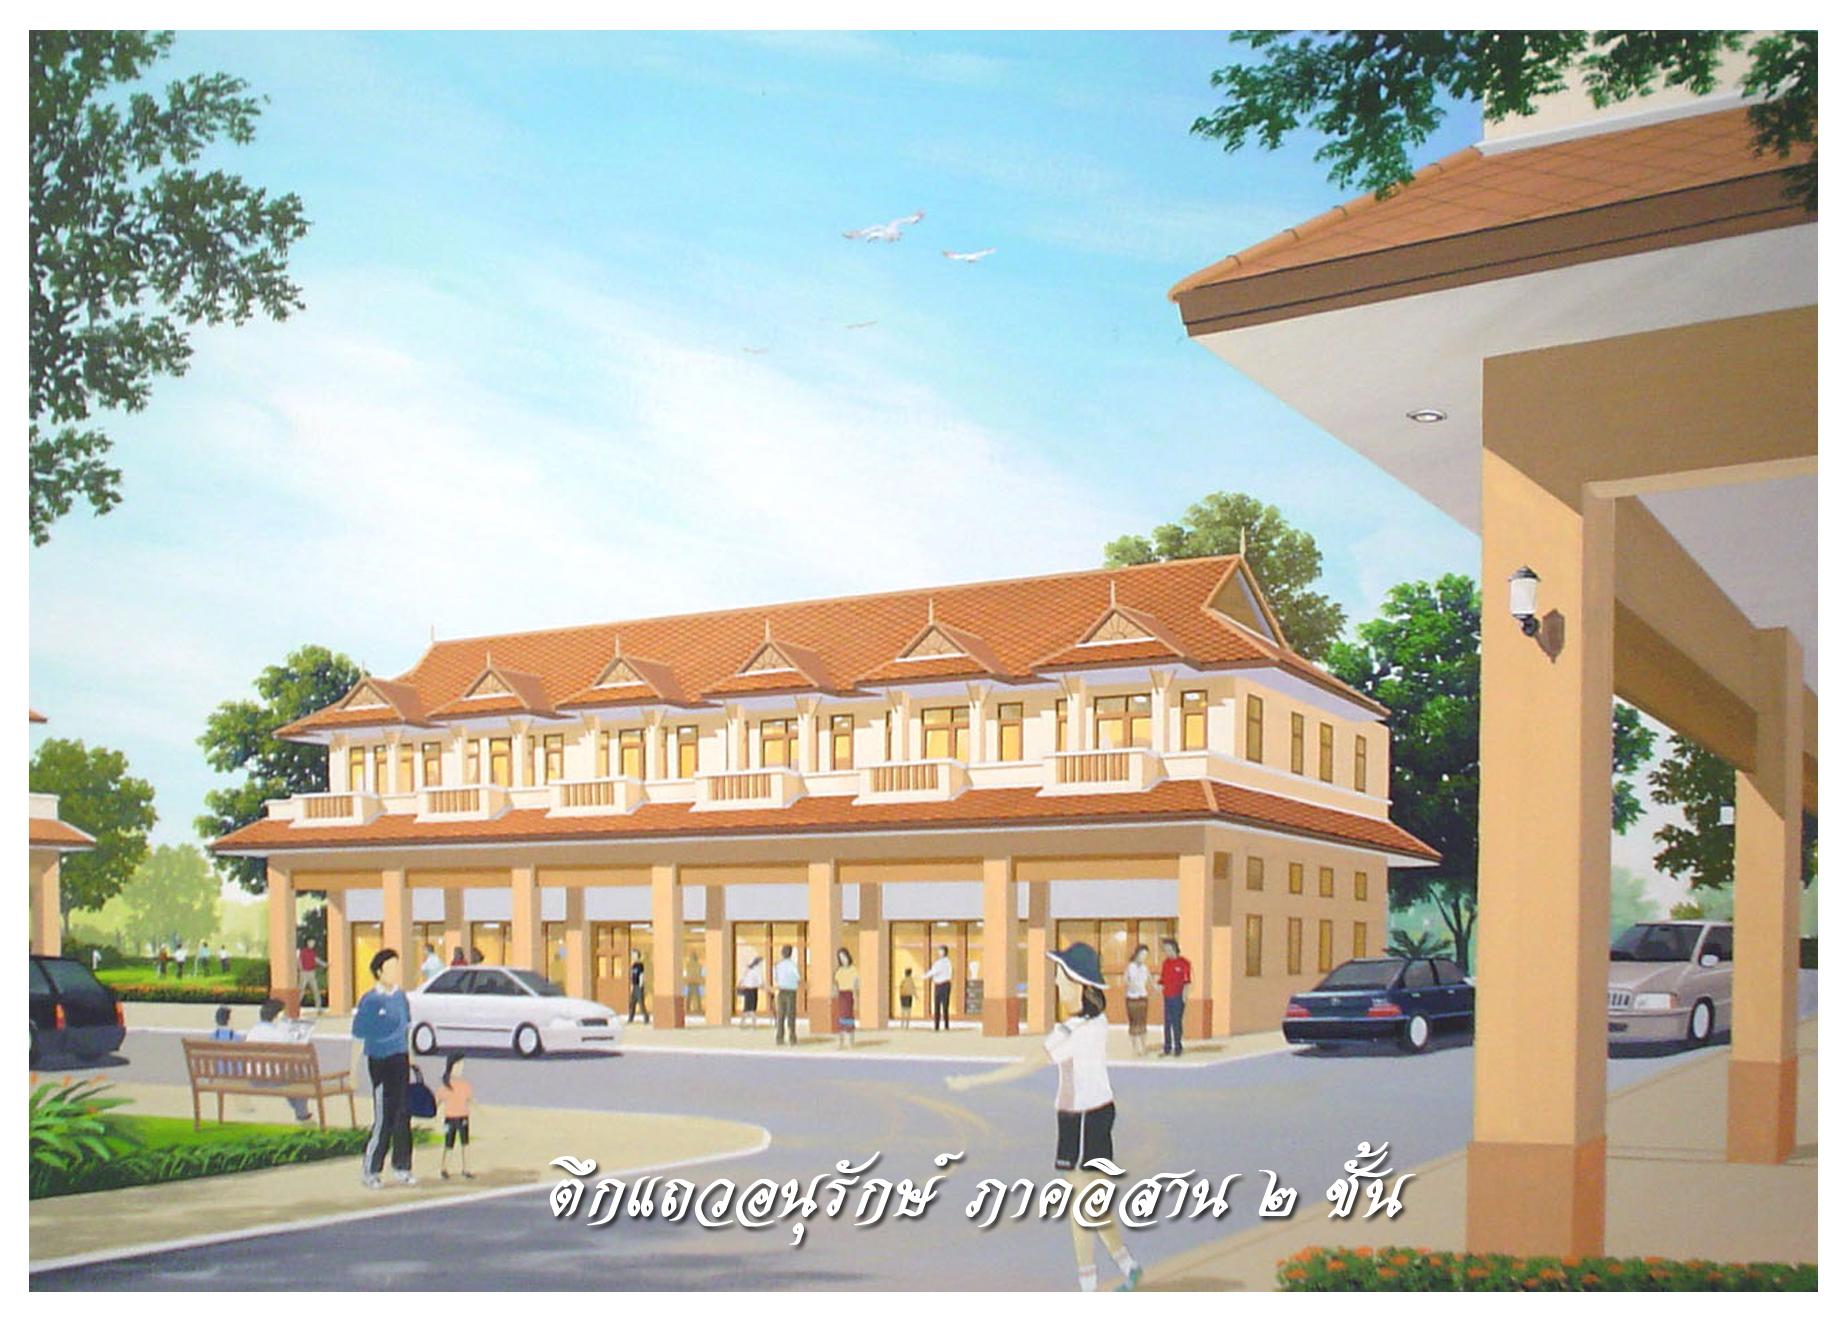 แบบบ้านและแปลนบ้าน ตึกแถวไทยอนุรักษ์ภาคอีสาน1